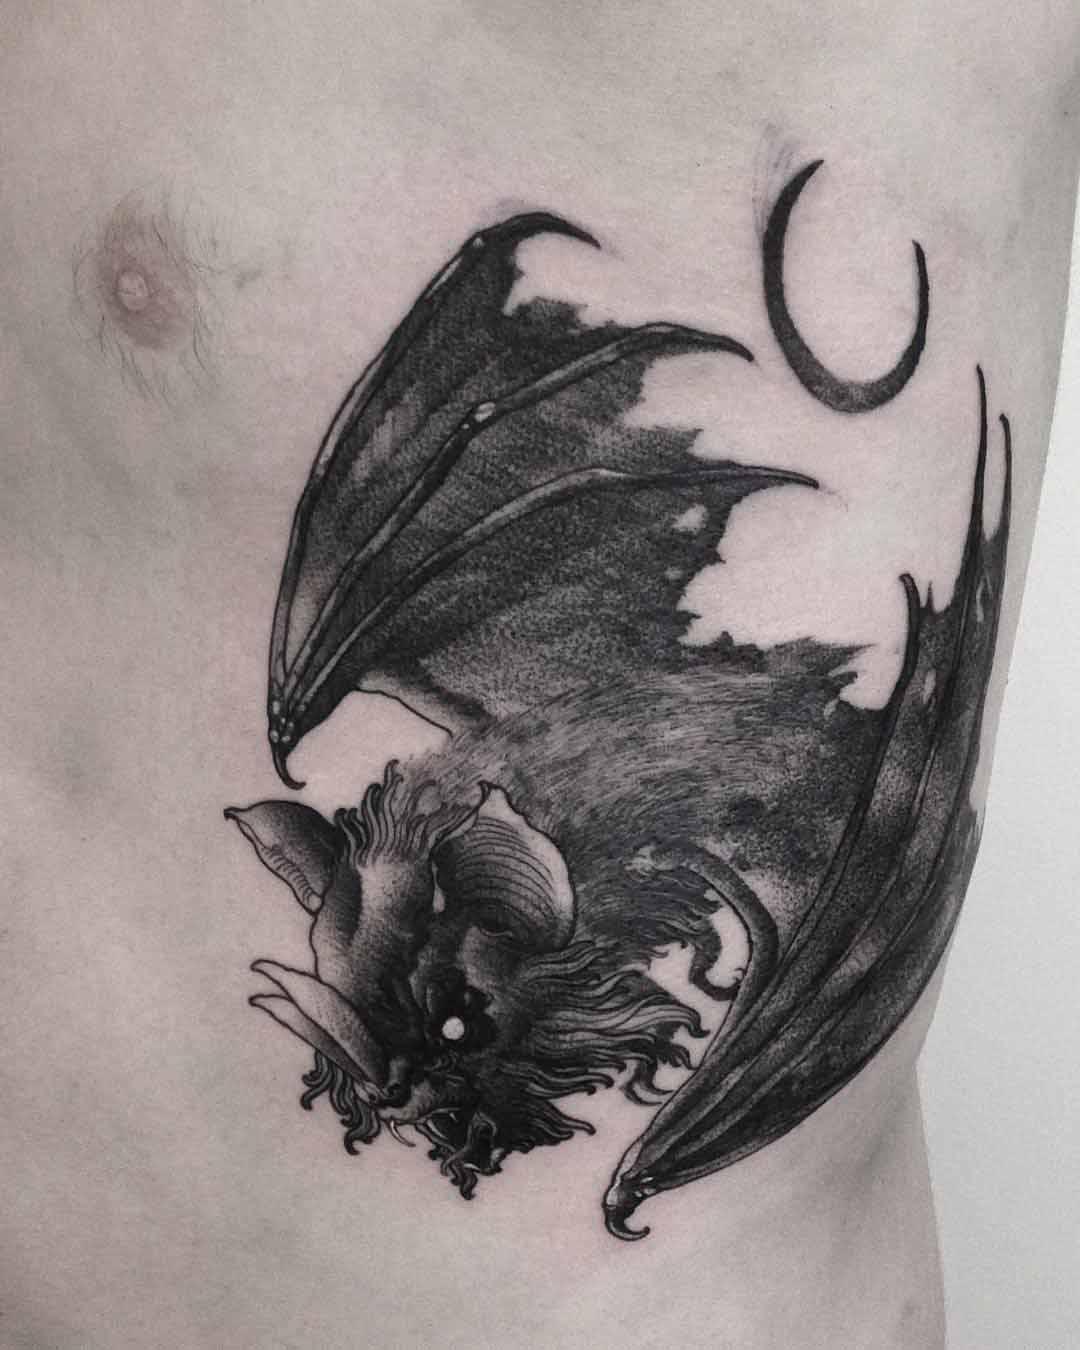 bat tattoo on ribs